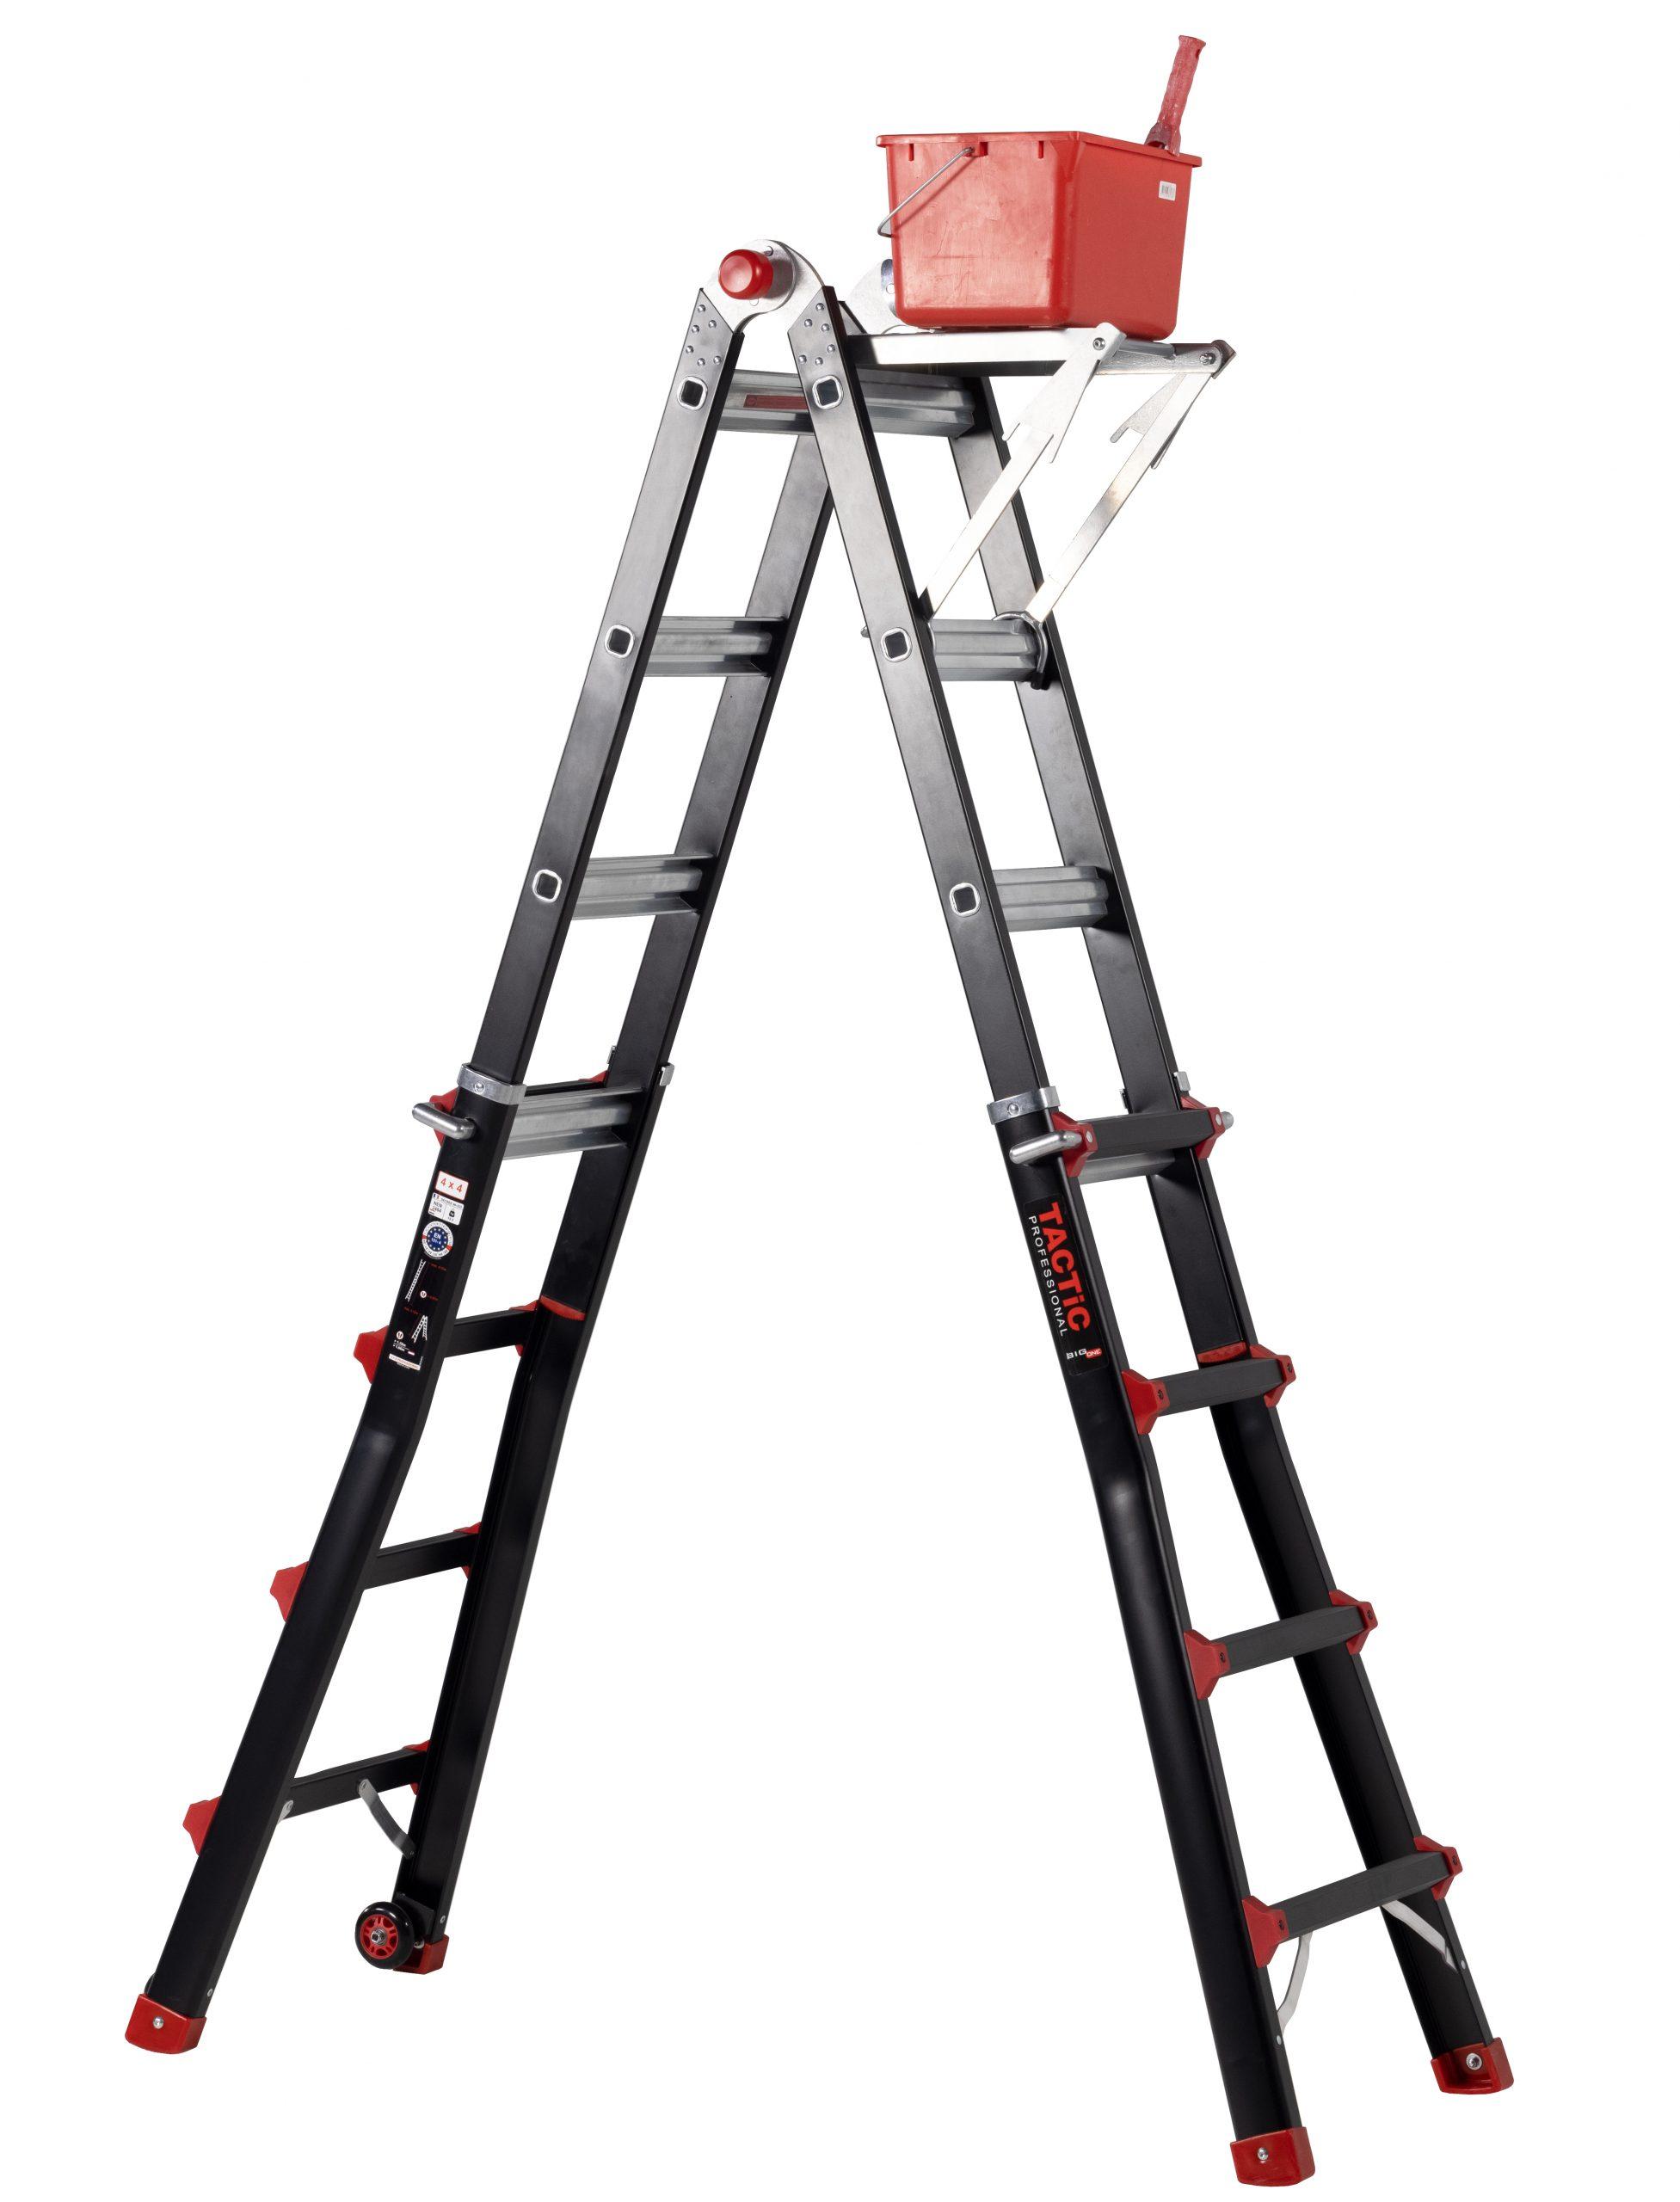 4x4 uitgeschoven met ladderbank en emmer